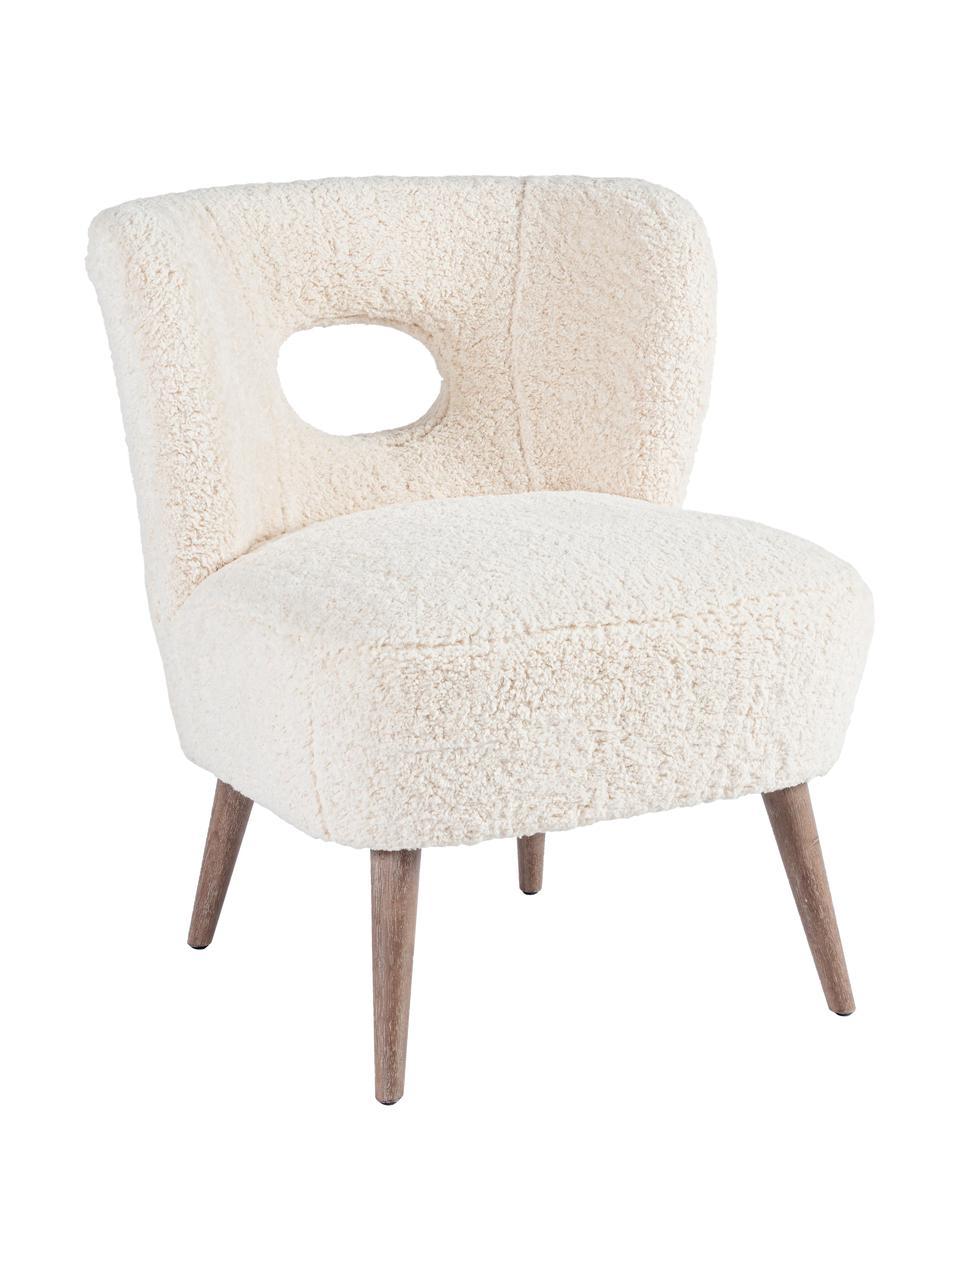 Fotel wypoczynkowy Teddy Cortina, Stelaż: drewno jodłowe, Nogi: drewno kauczukowe, Odcienie kremowego, S 65 x G 68 cm